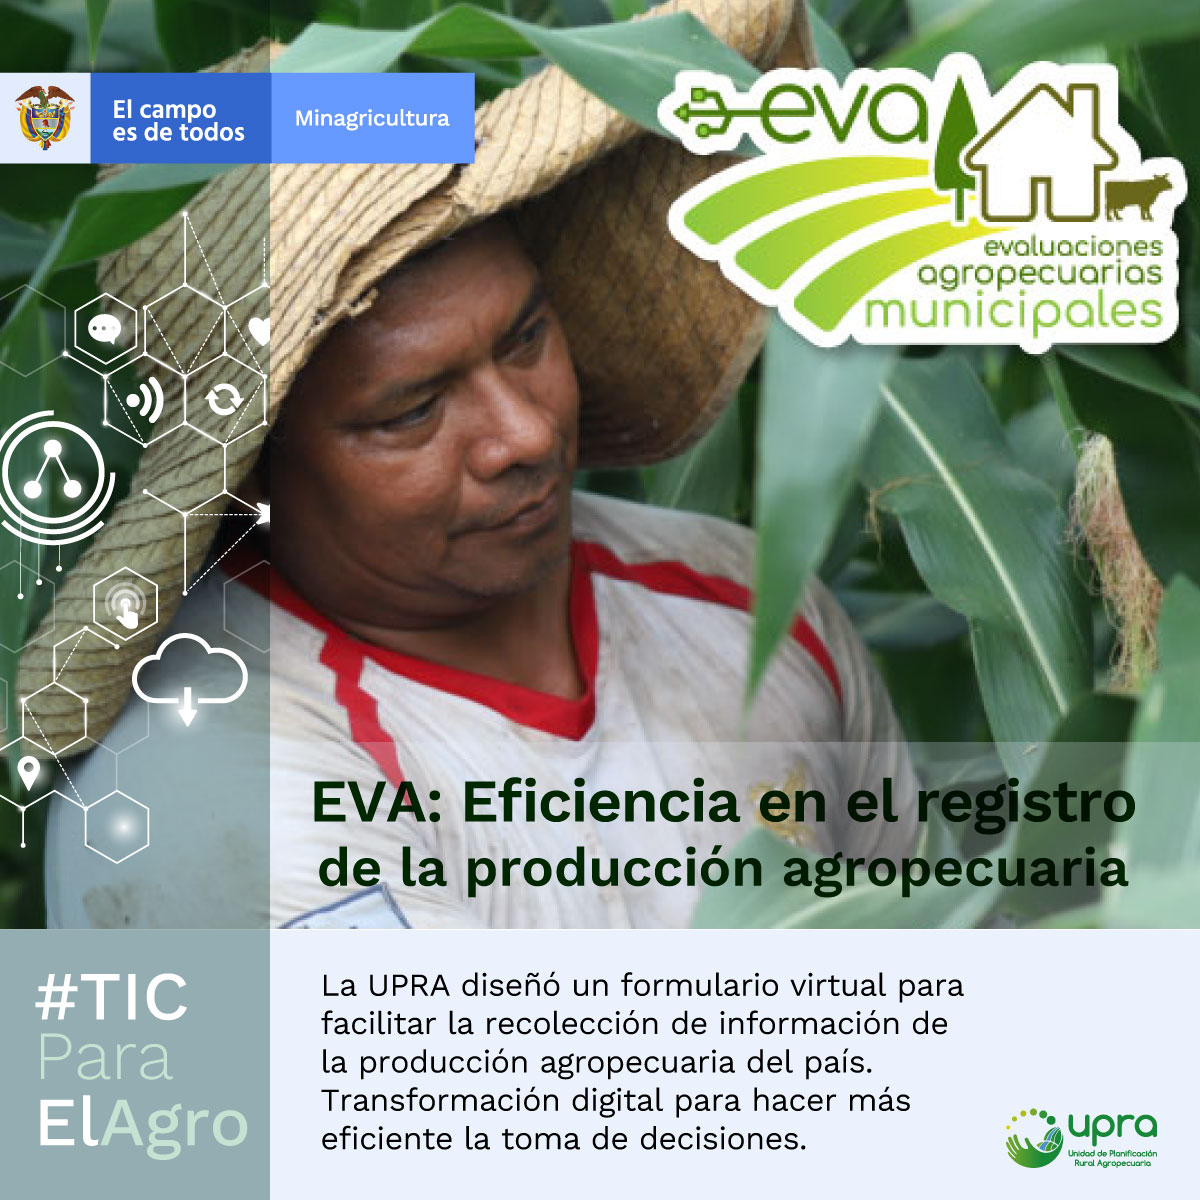 Este año @UPRAColombia recolectó en tiempo record los datos de la producción agropecuaria de Colombia en 2019. Las Evaluaciones Agropecuarias Municipales Agropecuarias #EVA son transformación digital y eficiencia para el campo colombiano. #TicParaElAgro #JuntosPorElCampo https://t.co/OipkjdBhHr